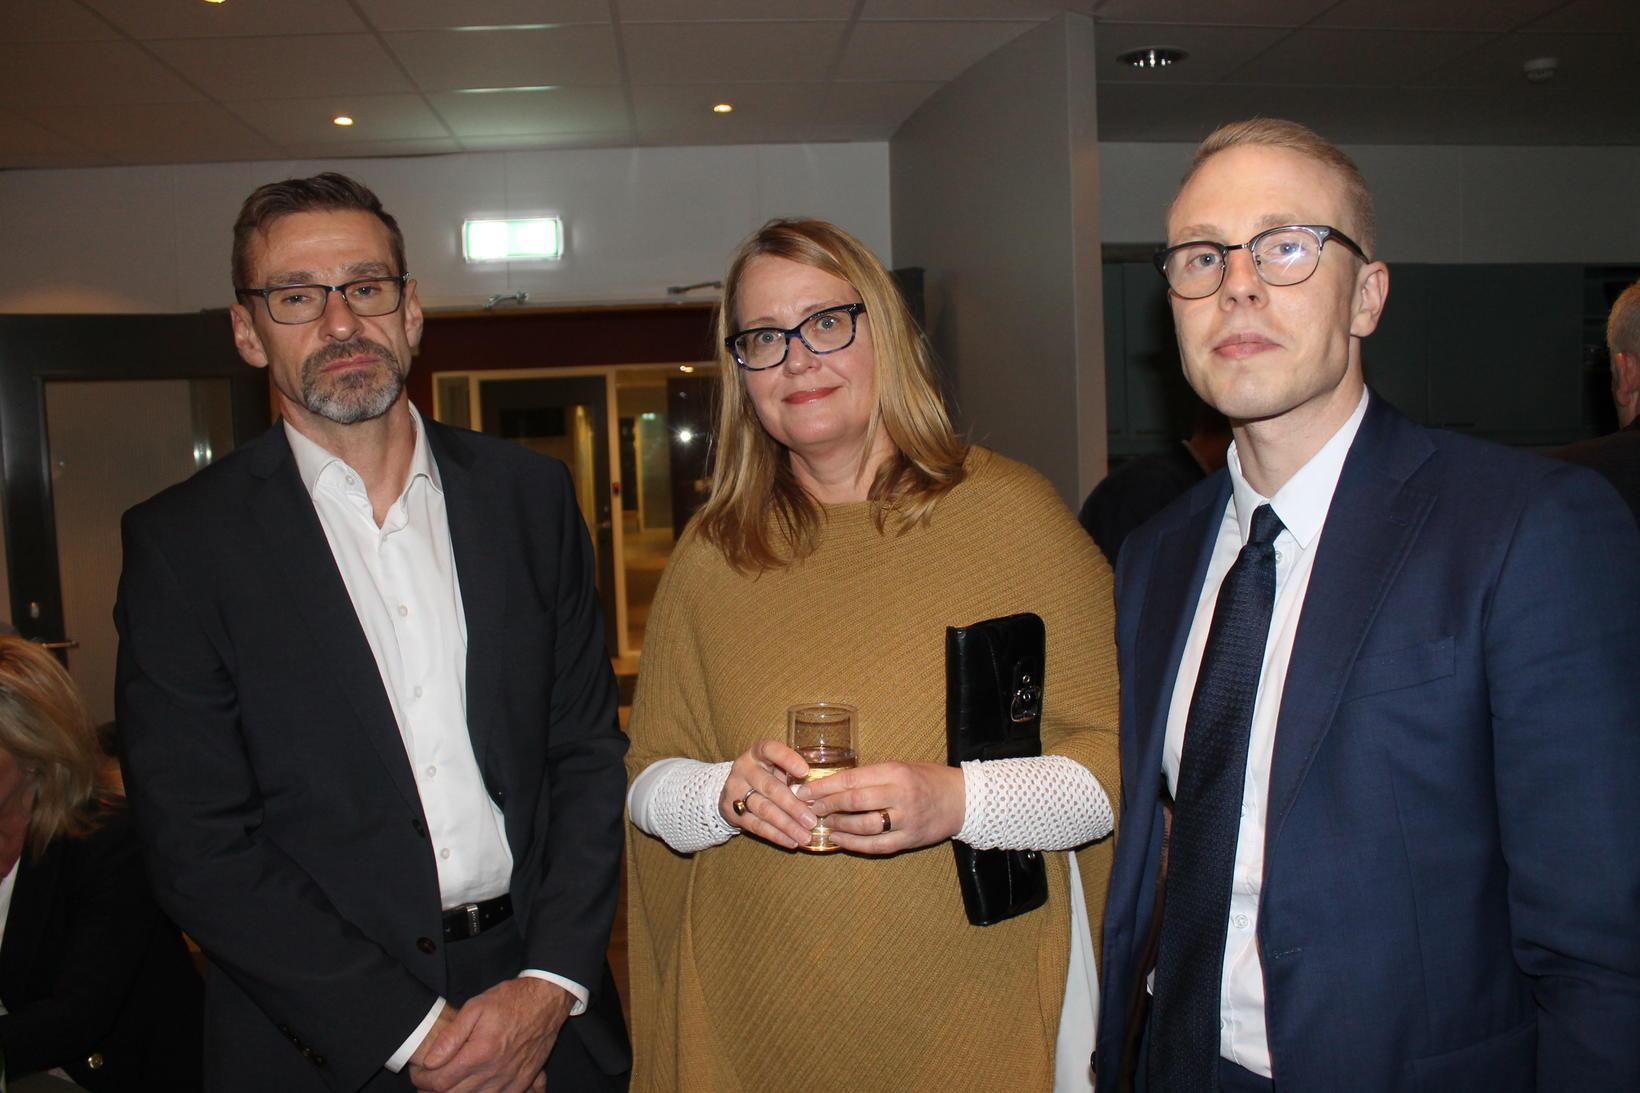 Helgi Magnús Gunnarsson, Áslaug Björgvinsdóttir og Kristinn Svansson.